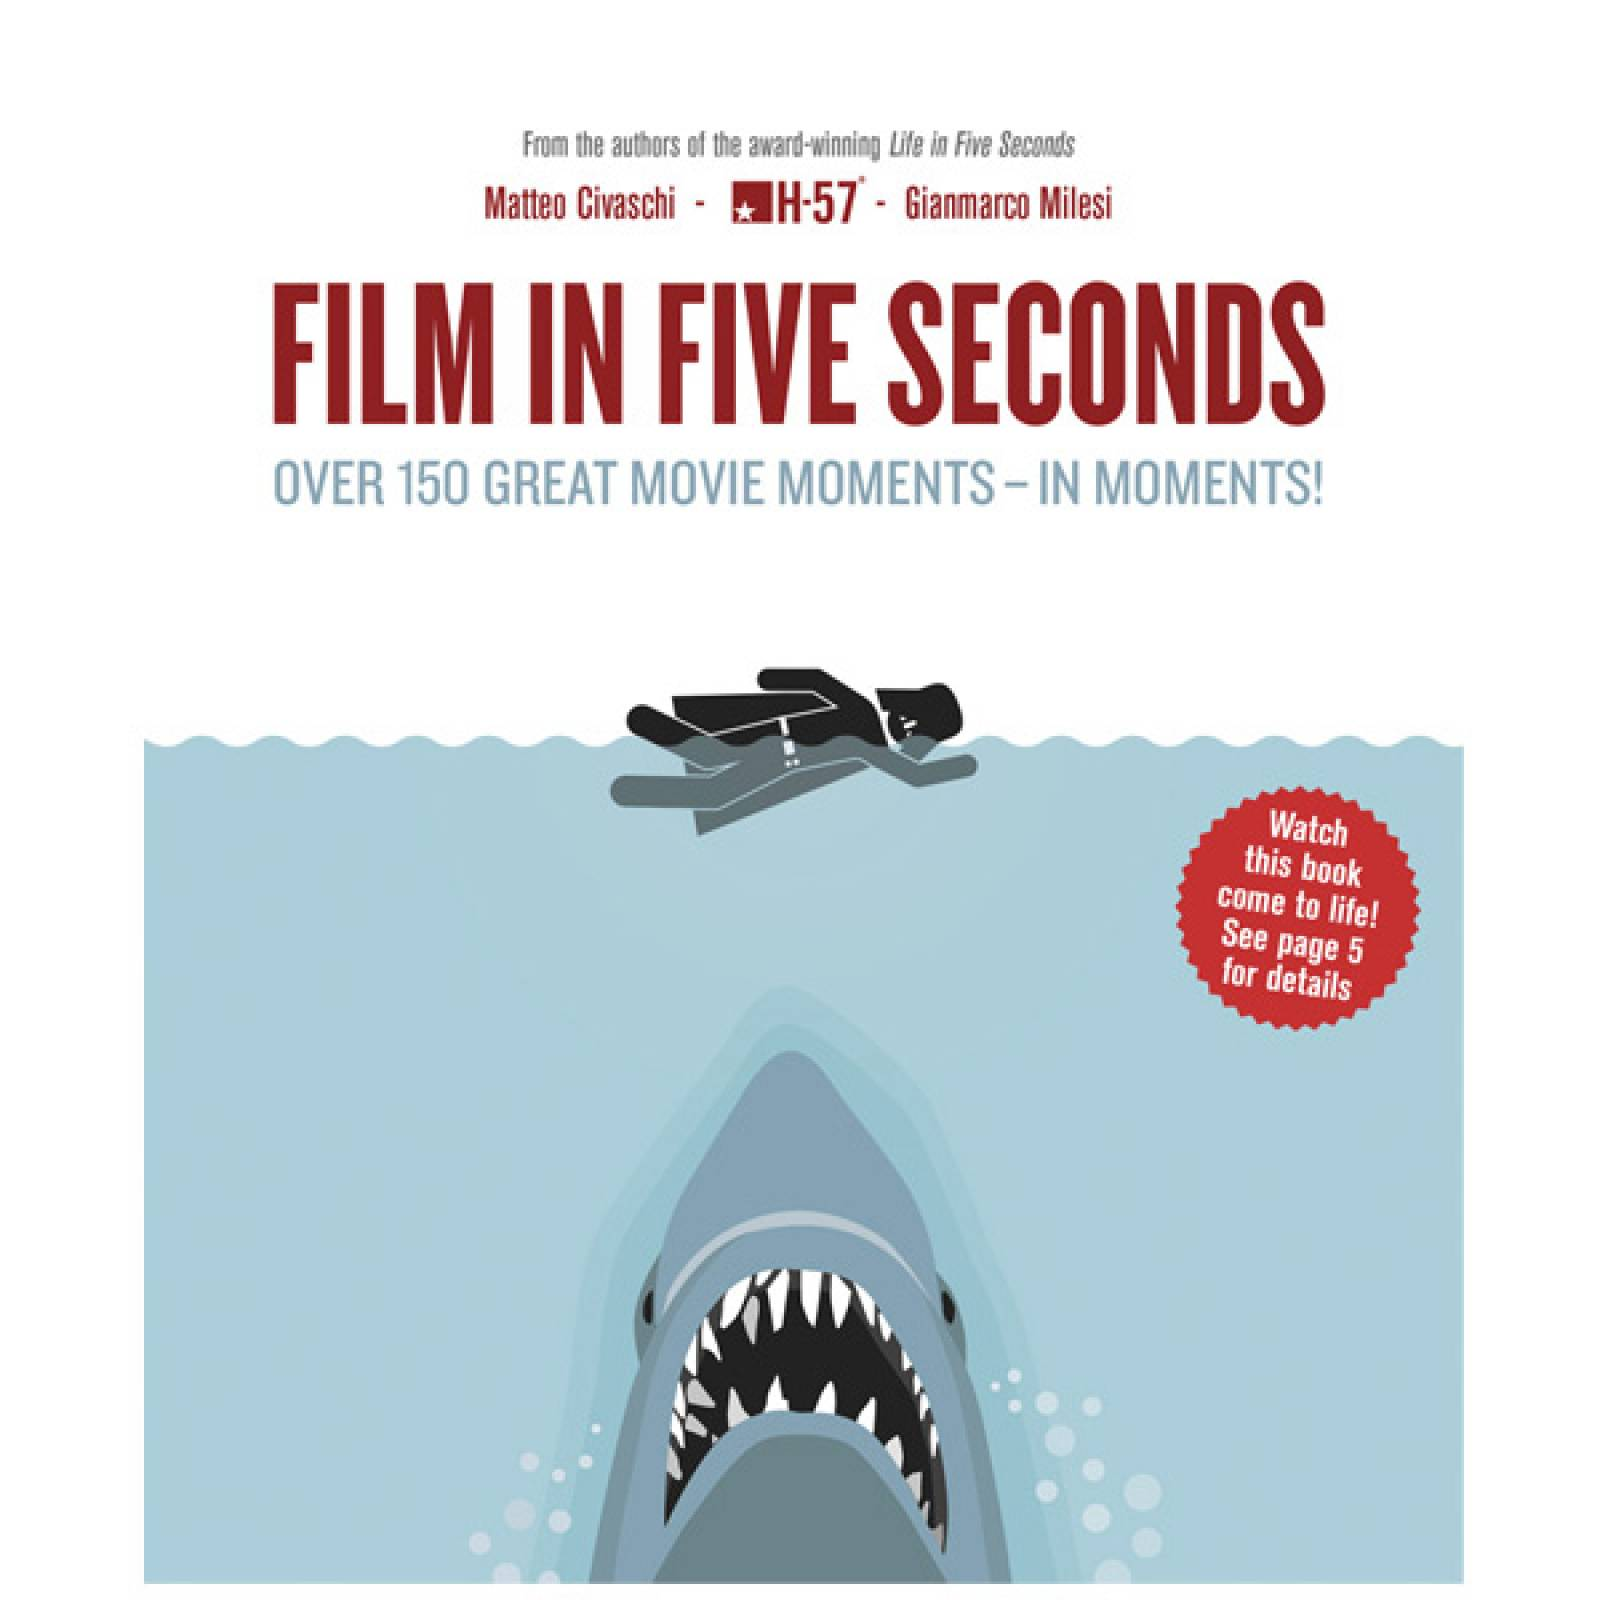 Film In Five Seconds Book